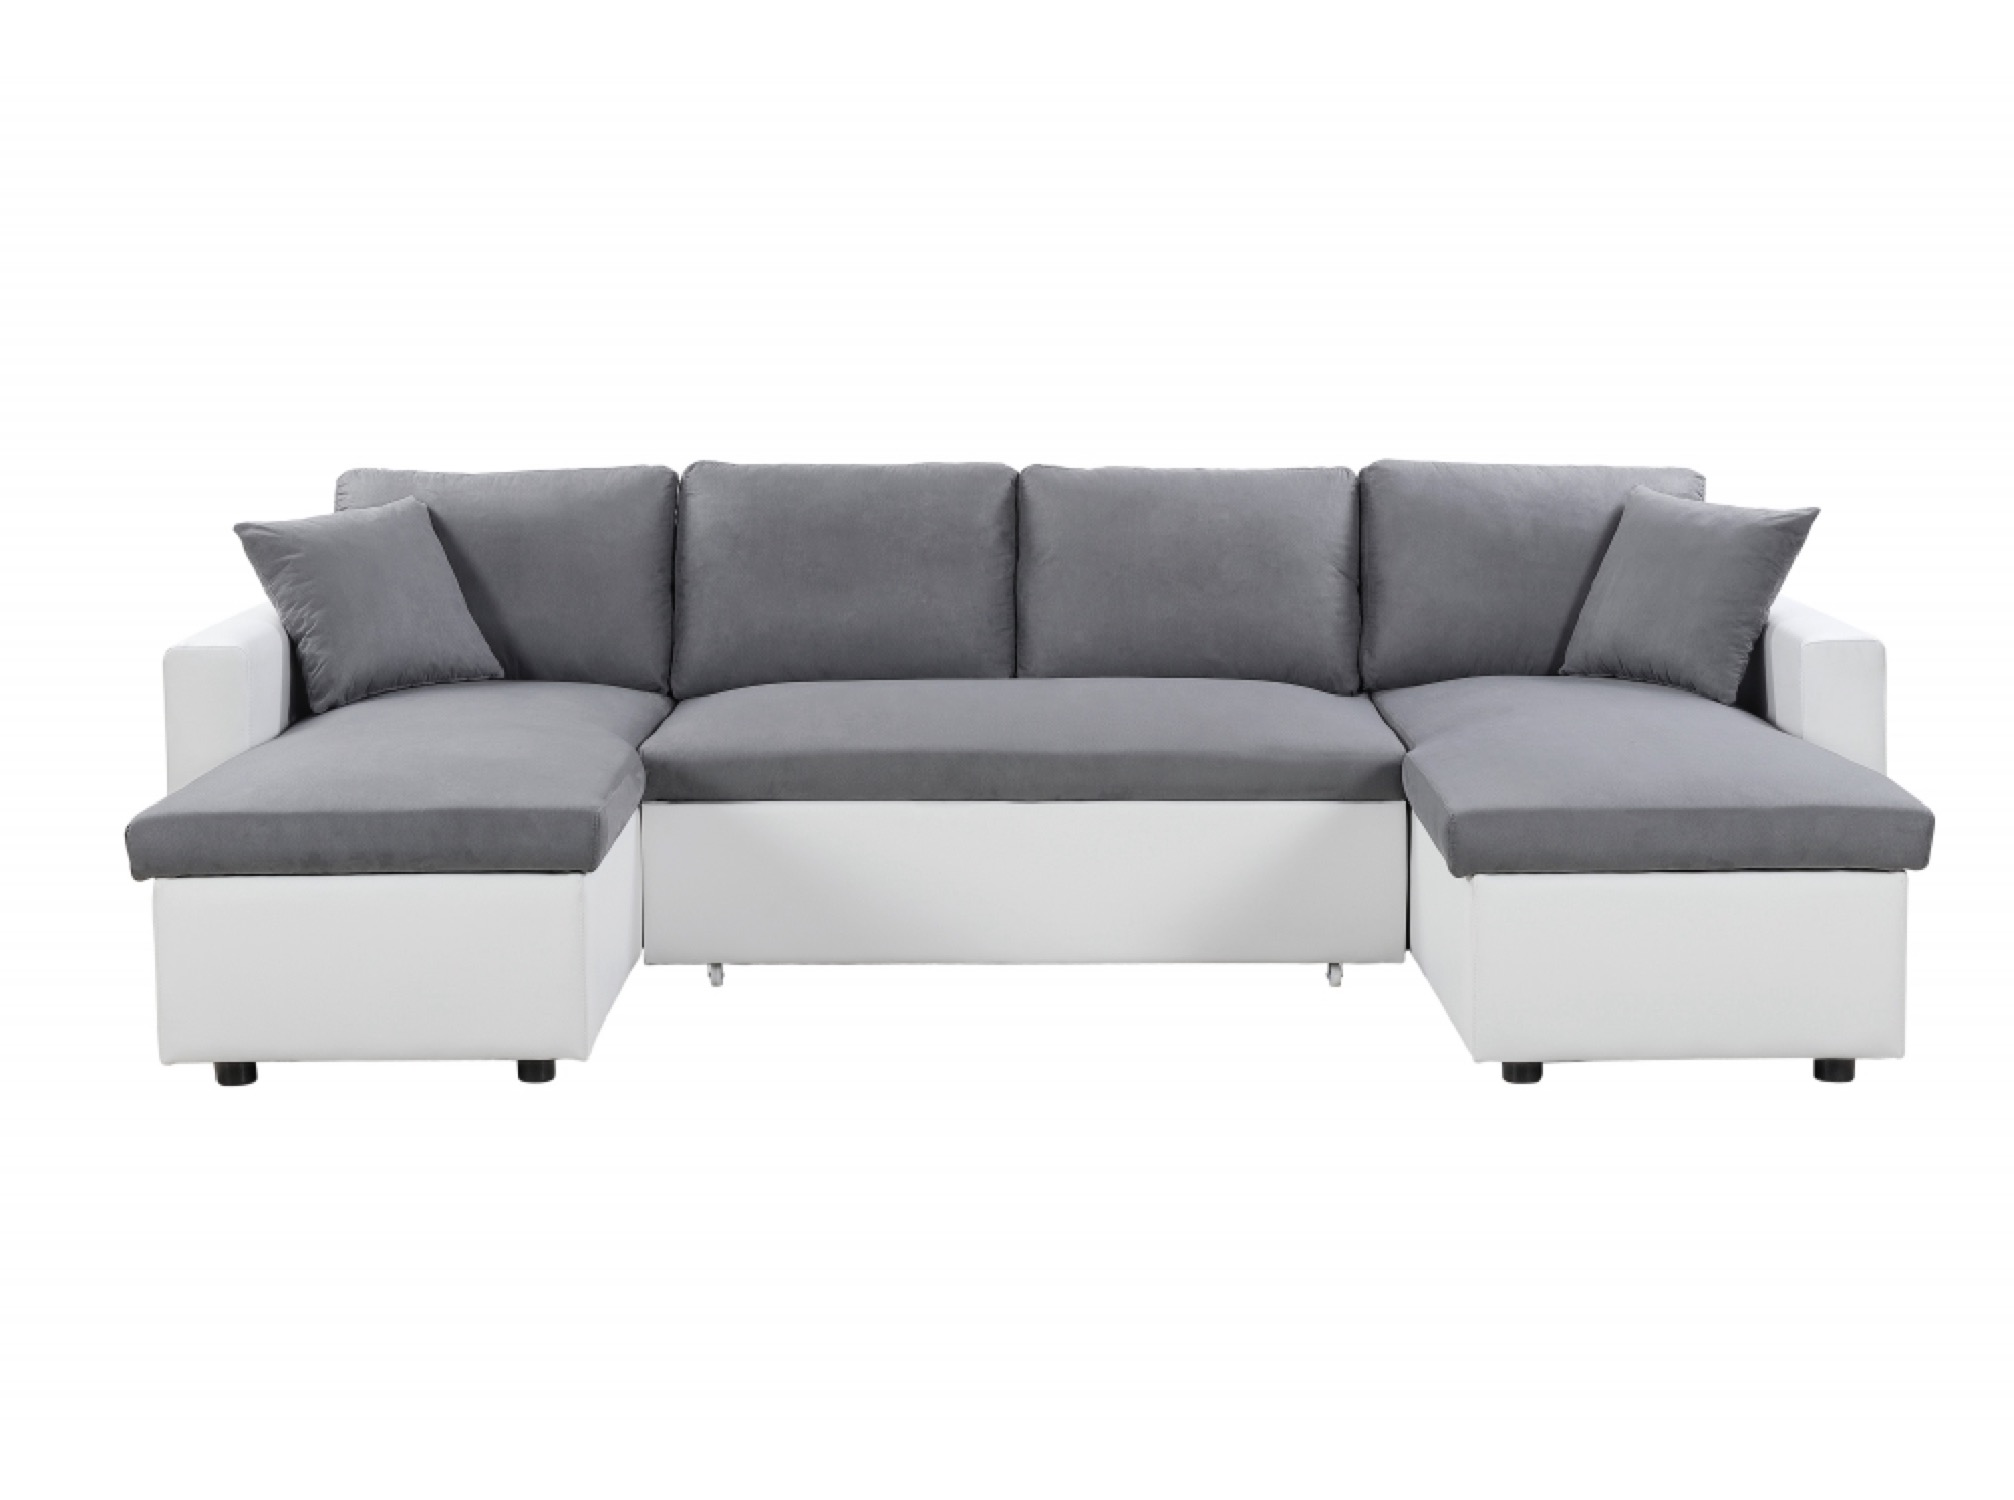 Canapé d'angle panoramique convertible blanc et gris